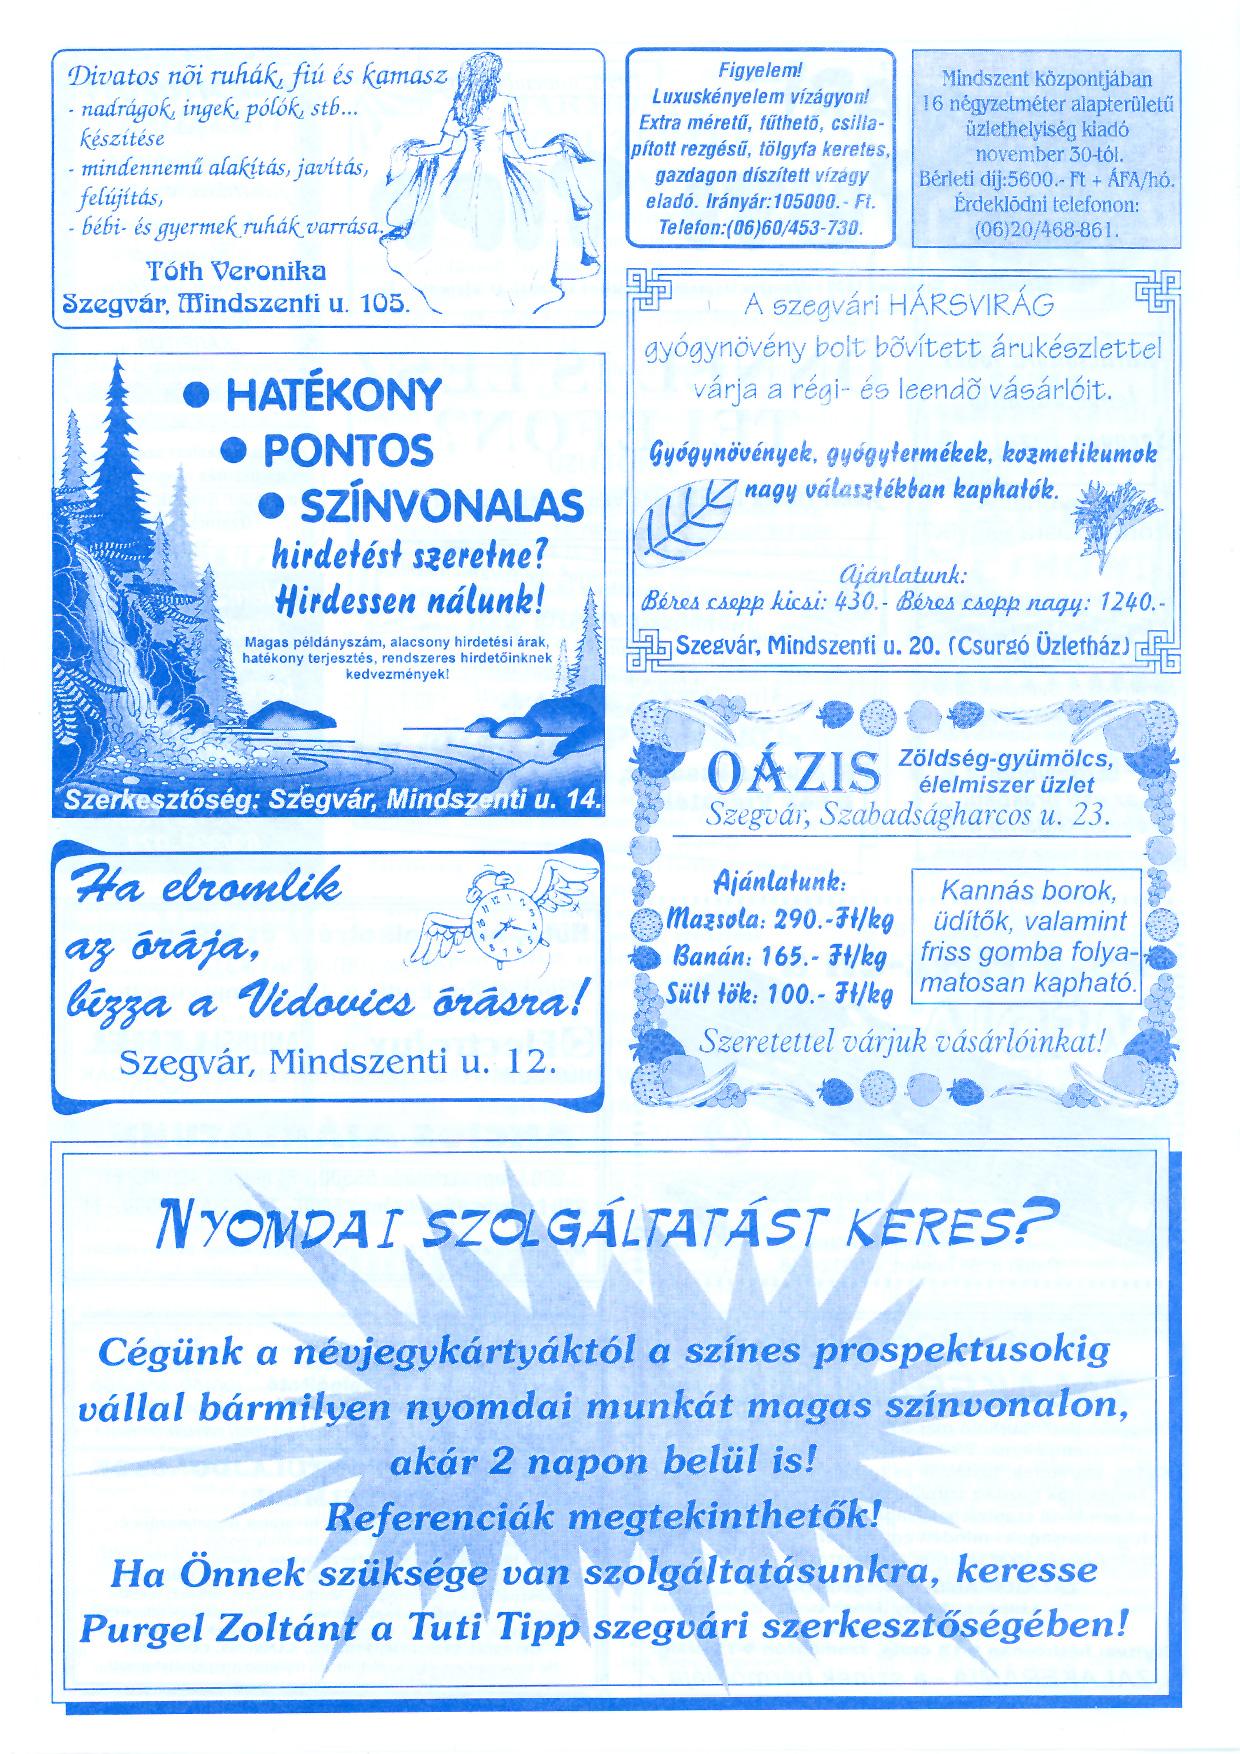 068 Szegvári Tuti Tipp reklámújság - 19961116-034. lapszám - 2.oldal - II. évfolyam.jpg